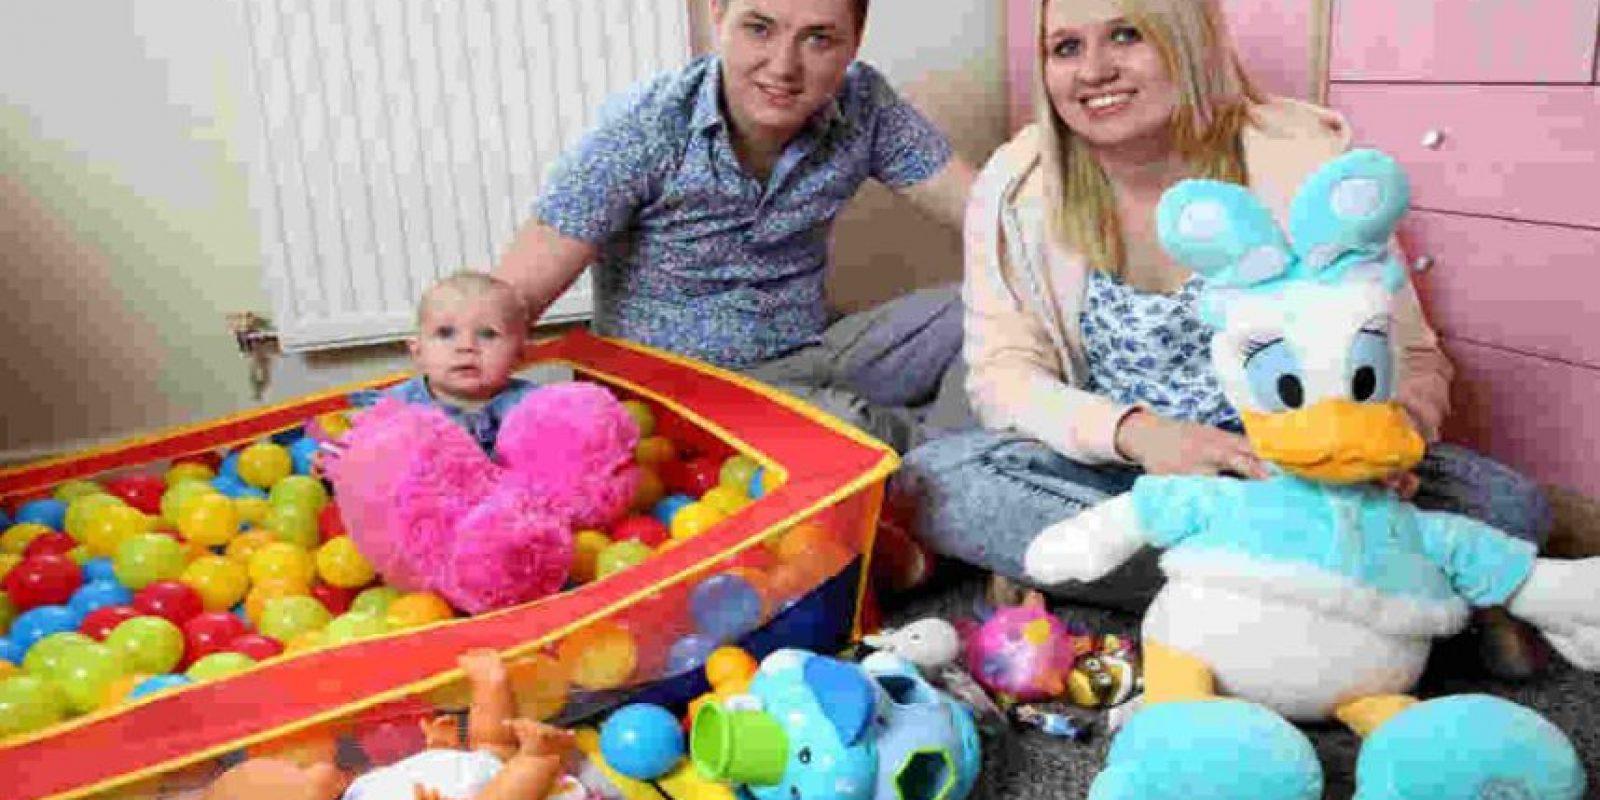 Incluso las pertenencias de su hija fueron robadas. Foto:Facebook. Imagen Por: